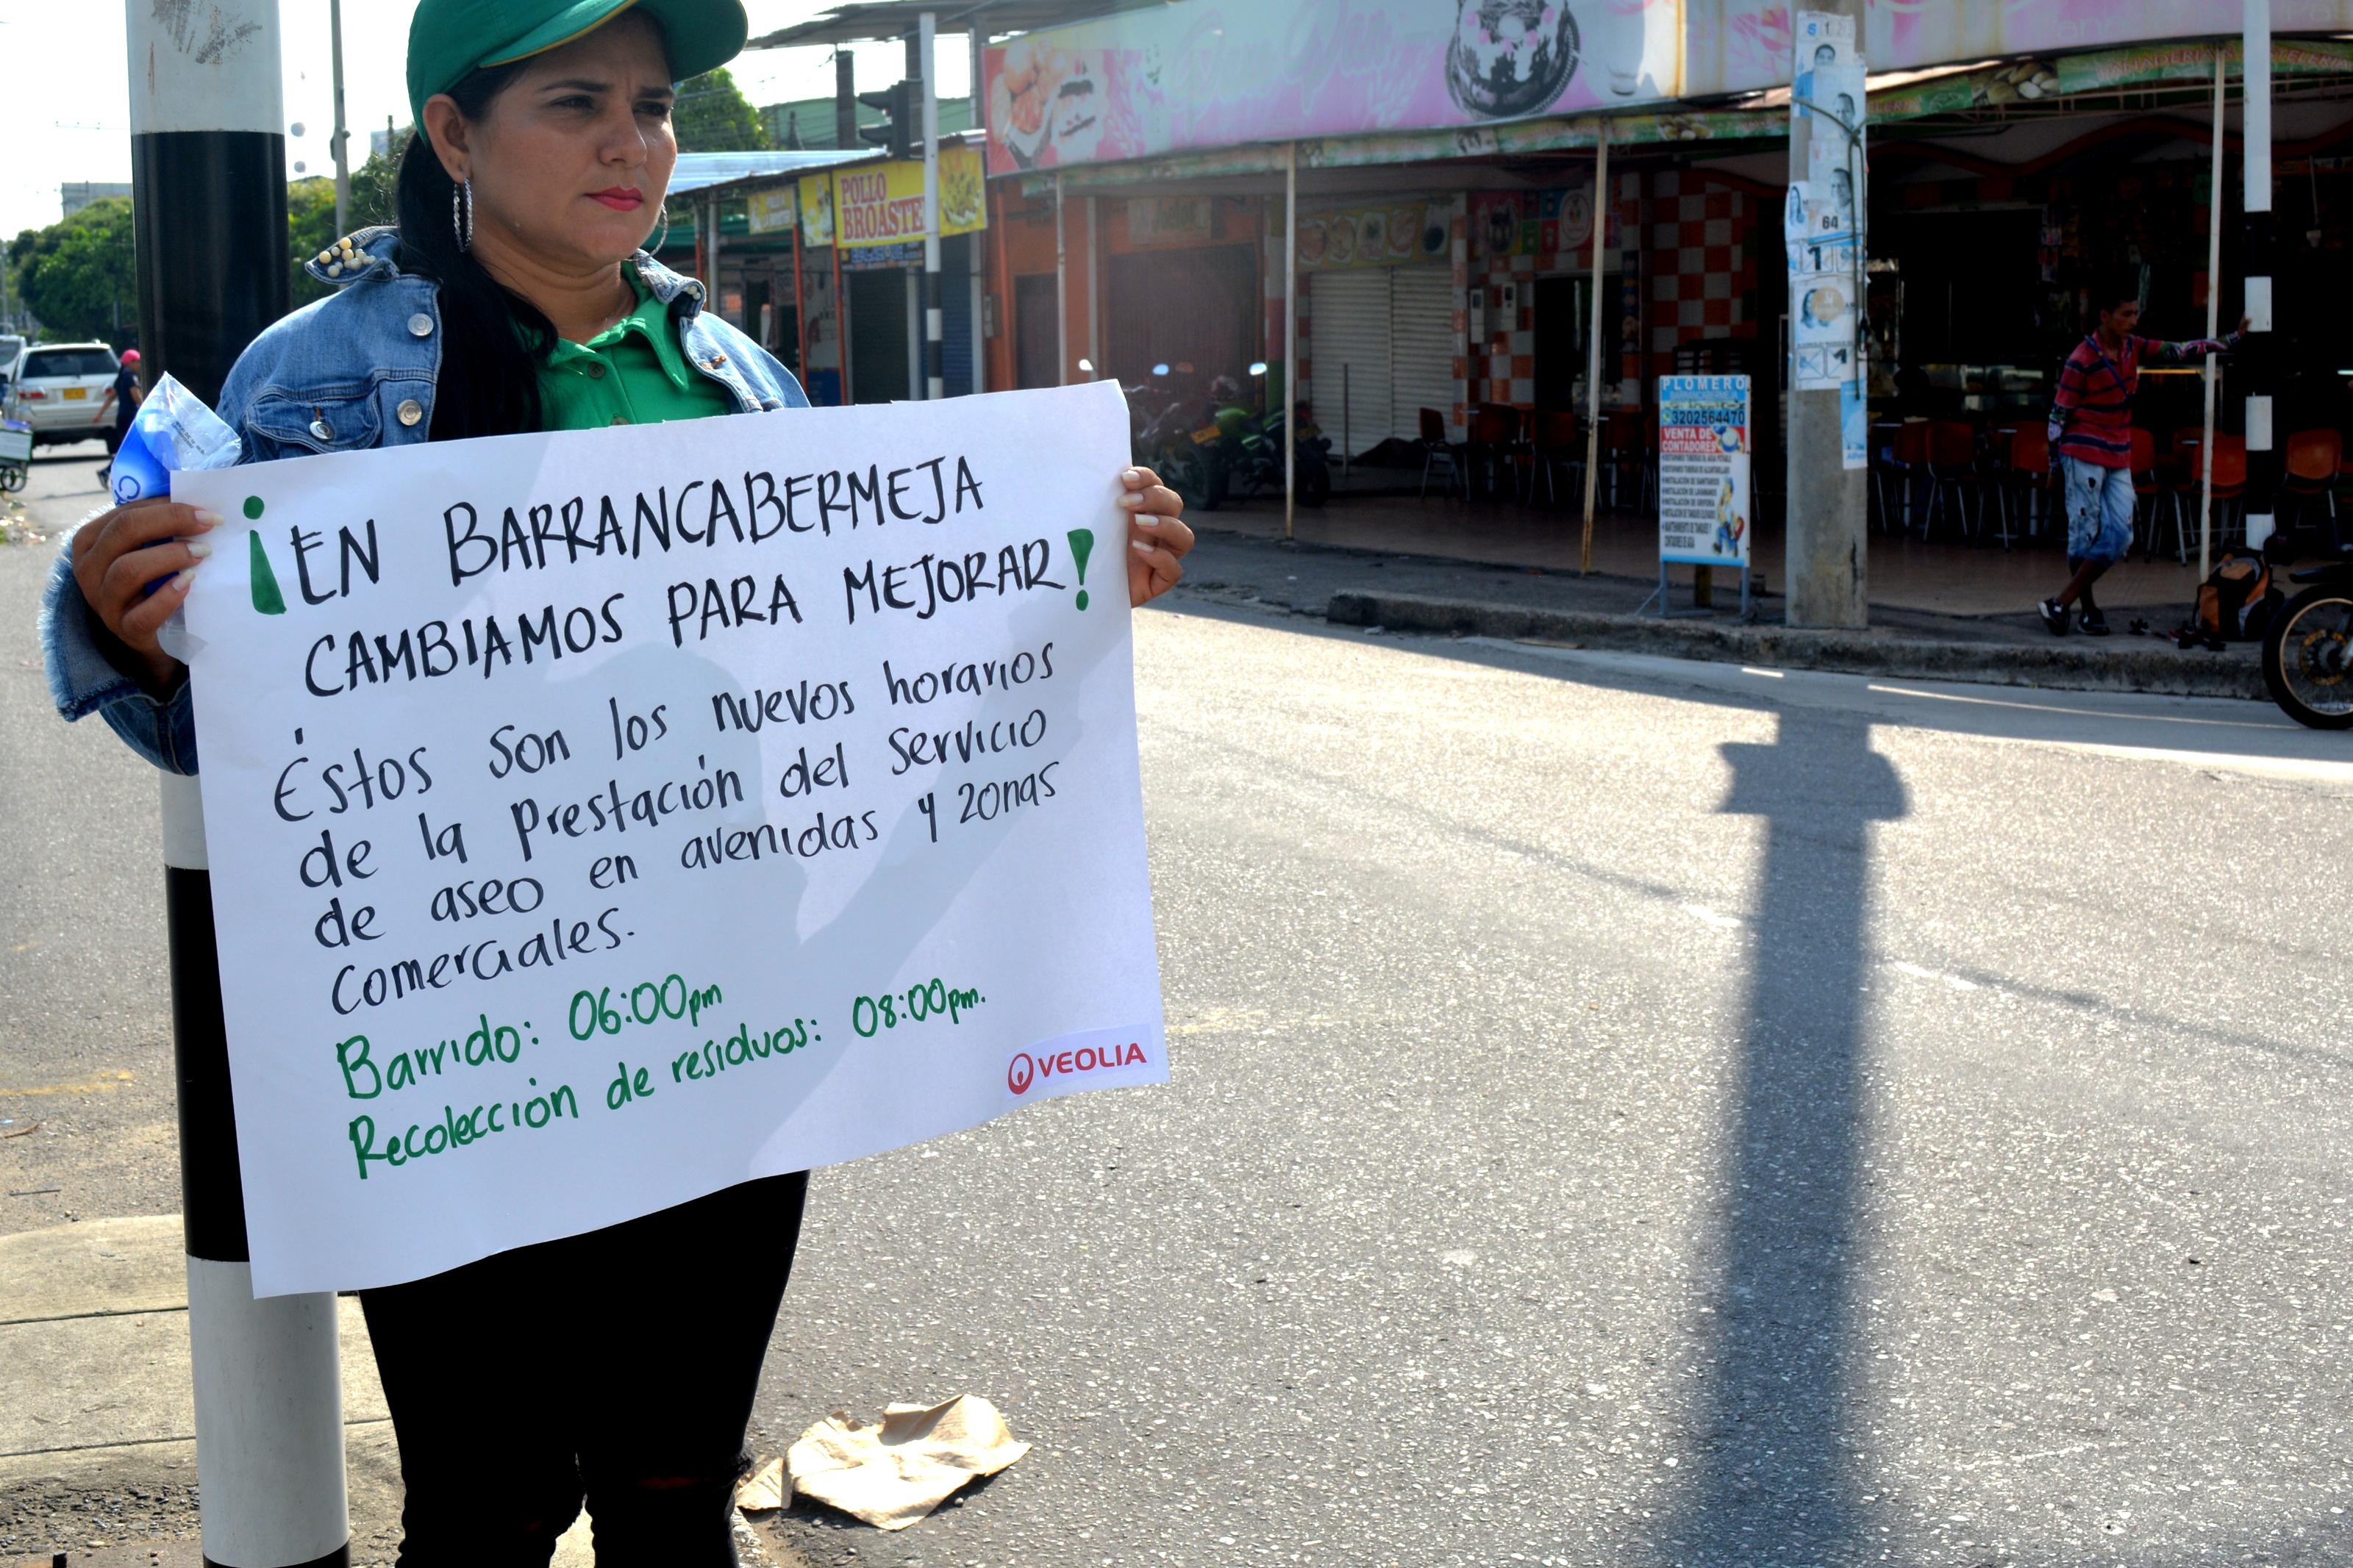 Jornada de limpieza en Barrancabermeja. Cambios para mejorar con la Gran Toma de la Avenida 52 | EL FRENTE